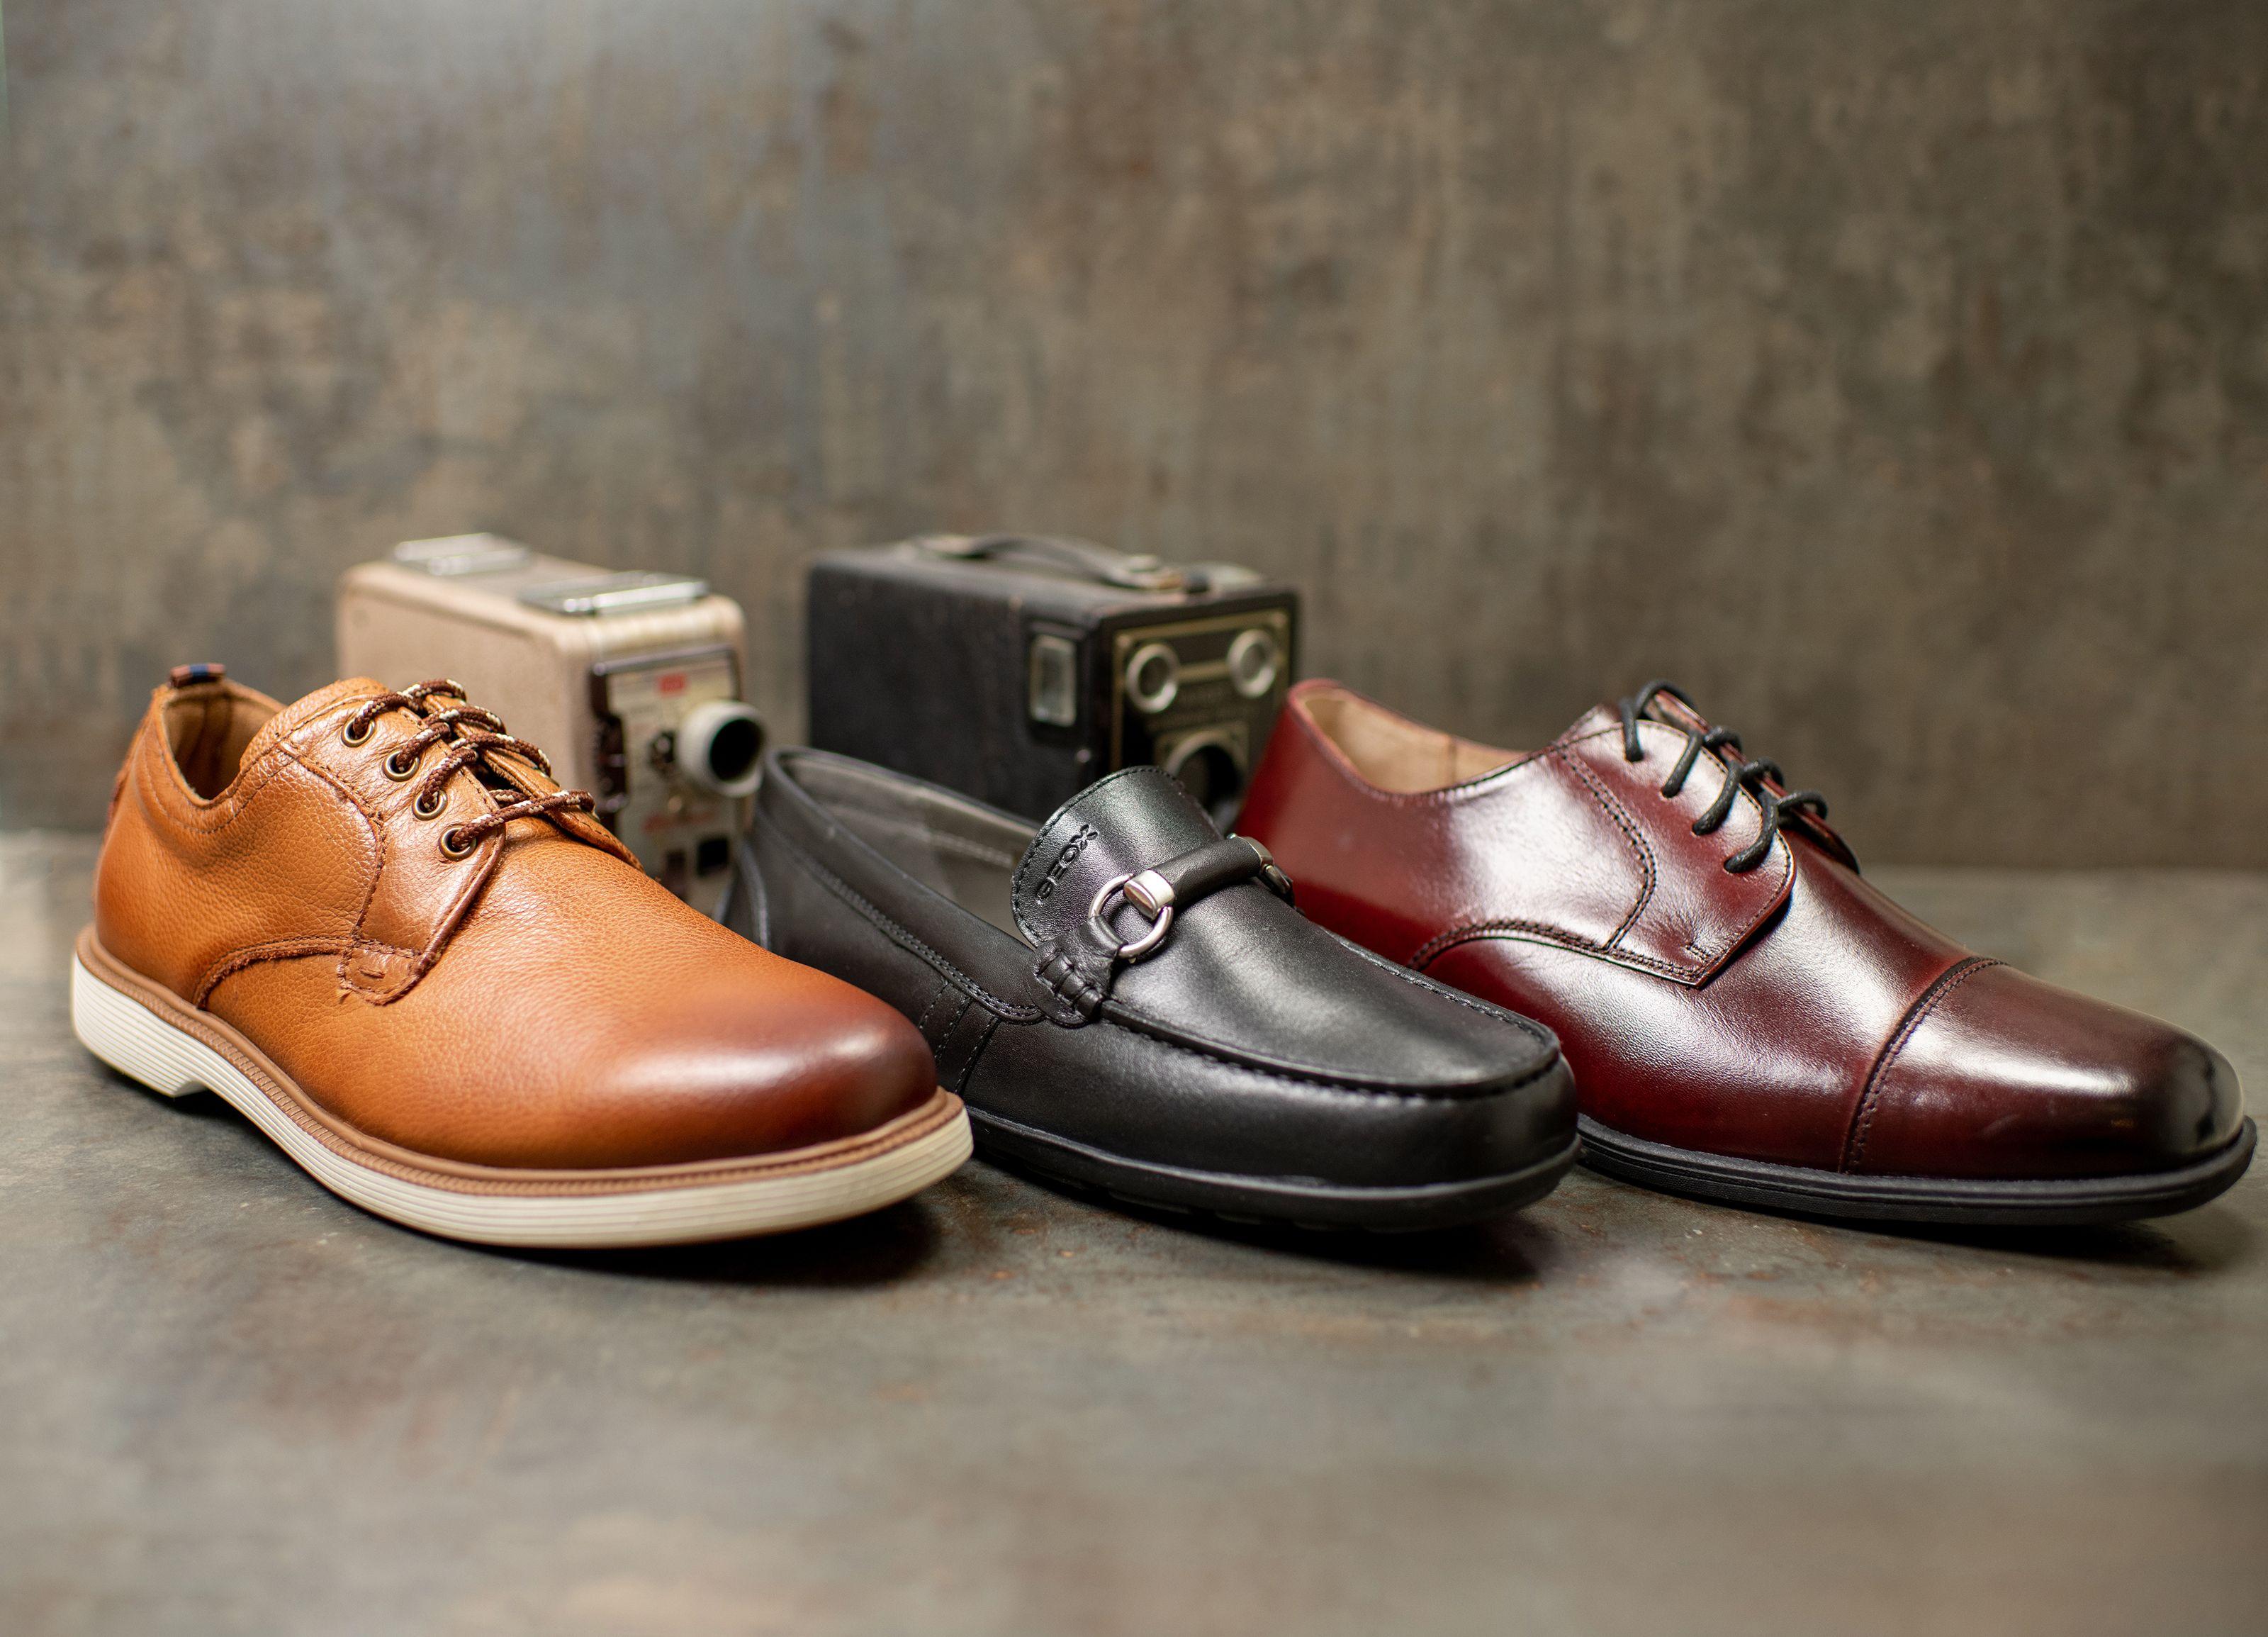 4 Boys Dress Shoes ideas  boys dress shoes, boys shoes, dress shoes